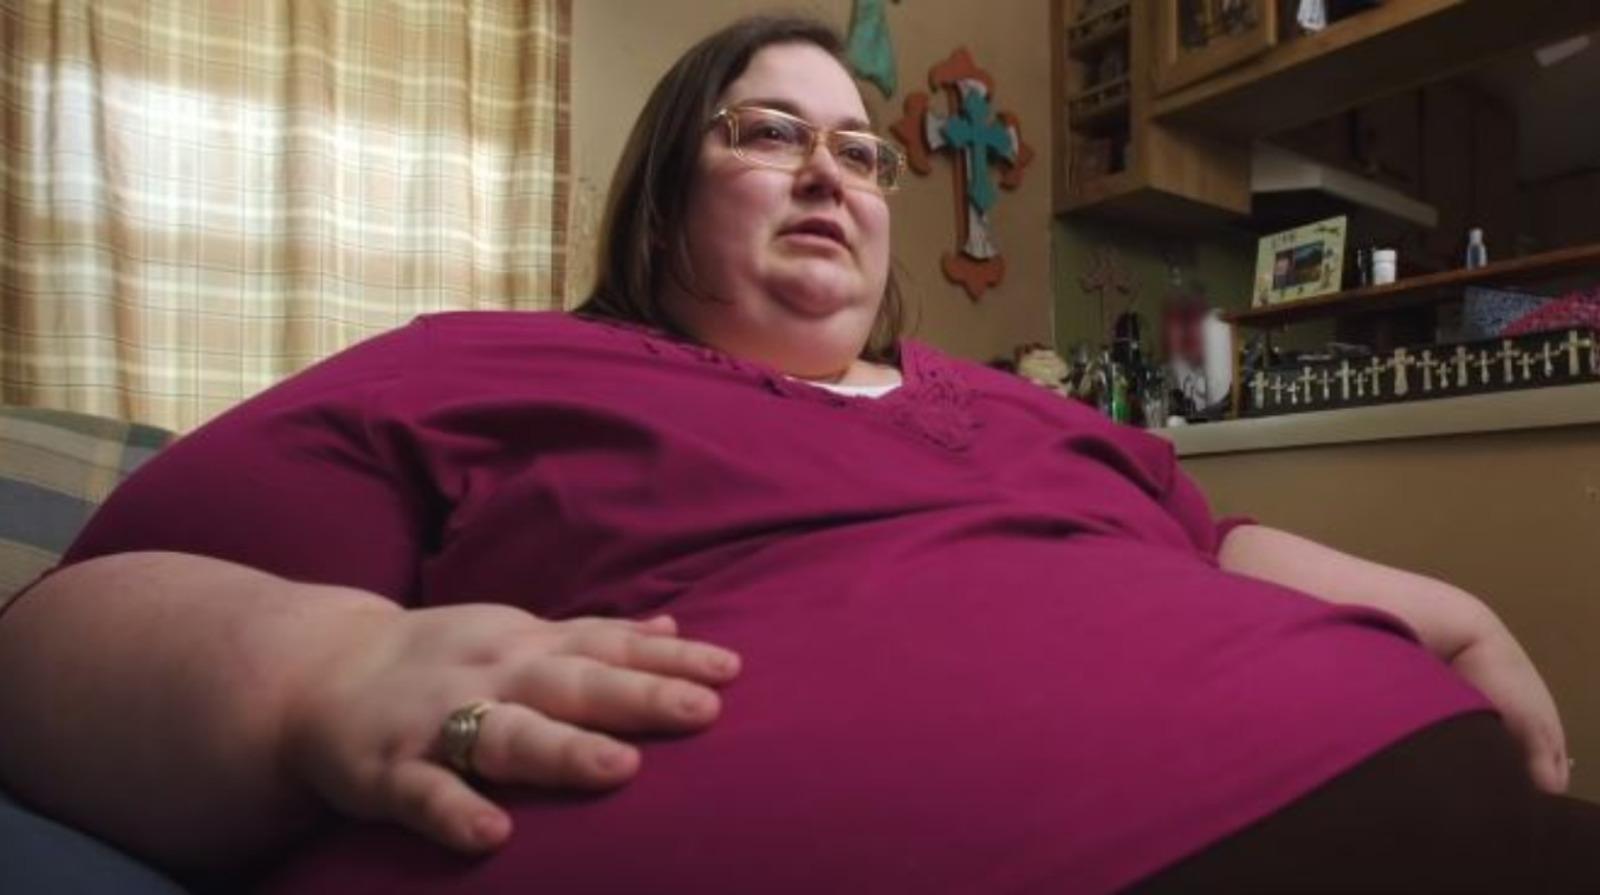 Vite al Limite Carrie Johnson chili persi